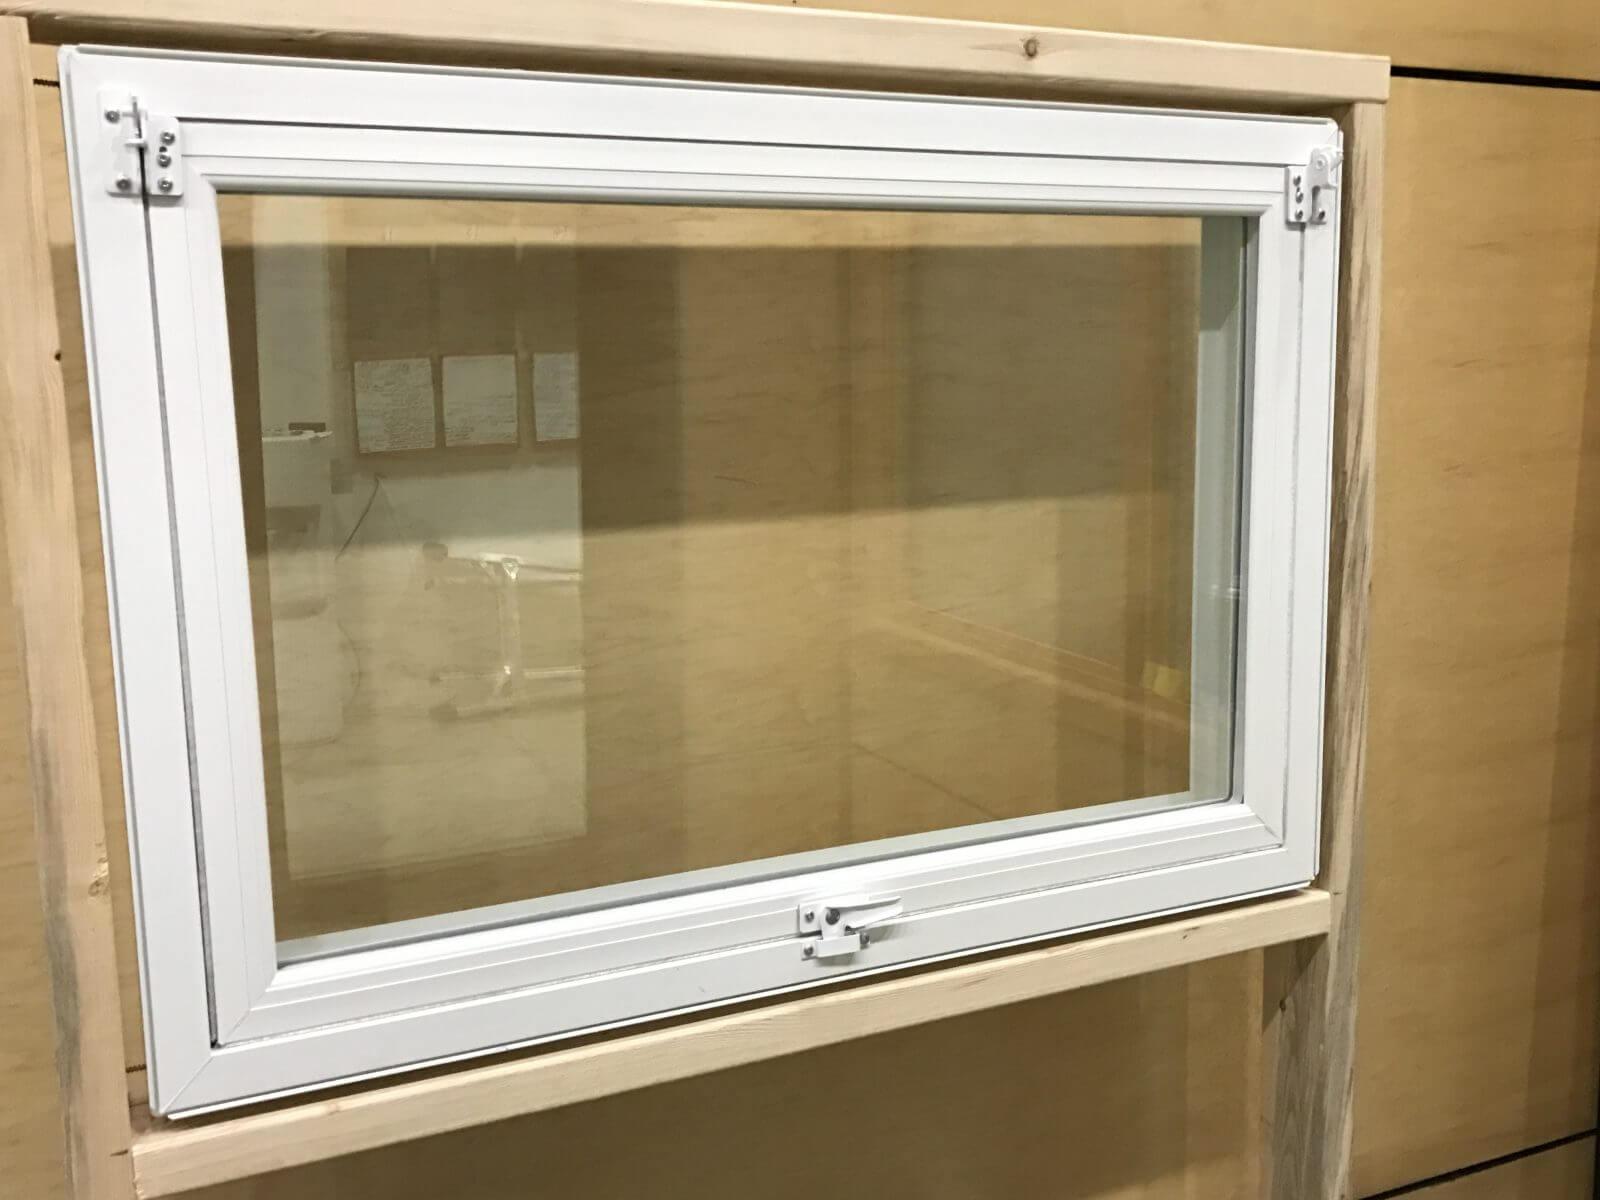 Buy Egress Windows Online & Buy Windows and Doors Online in Ontario | Bavarian Windows